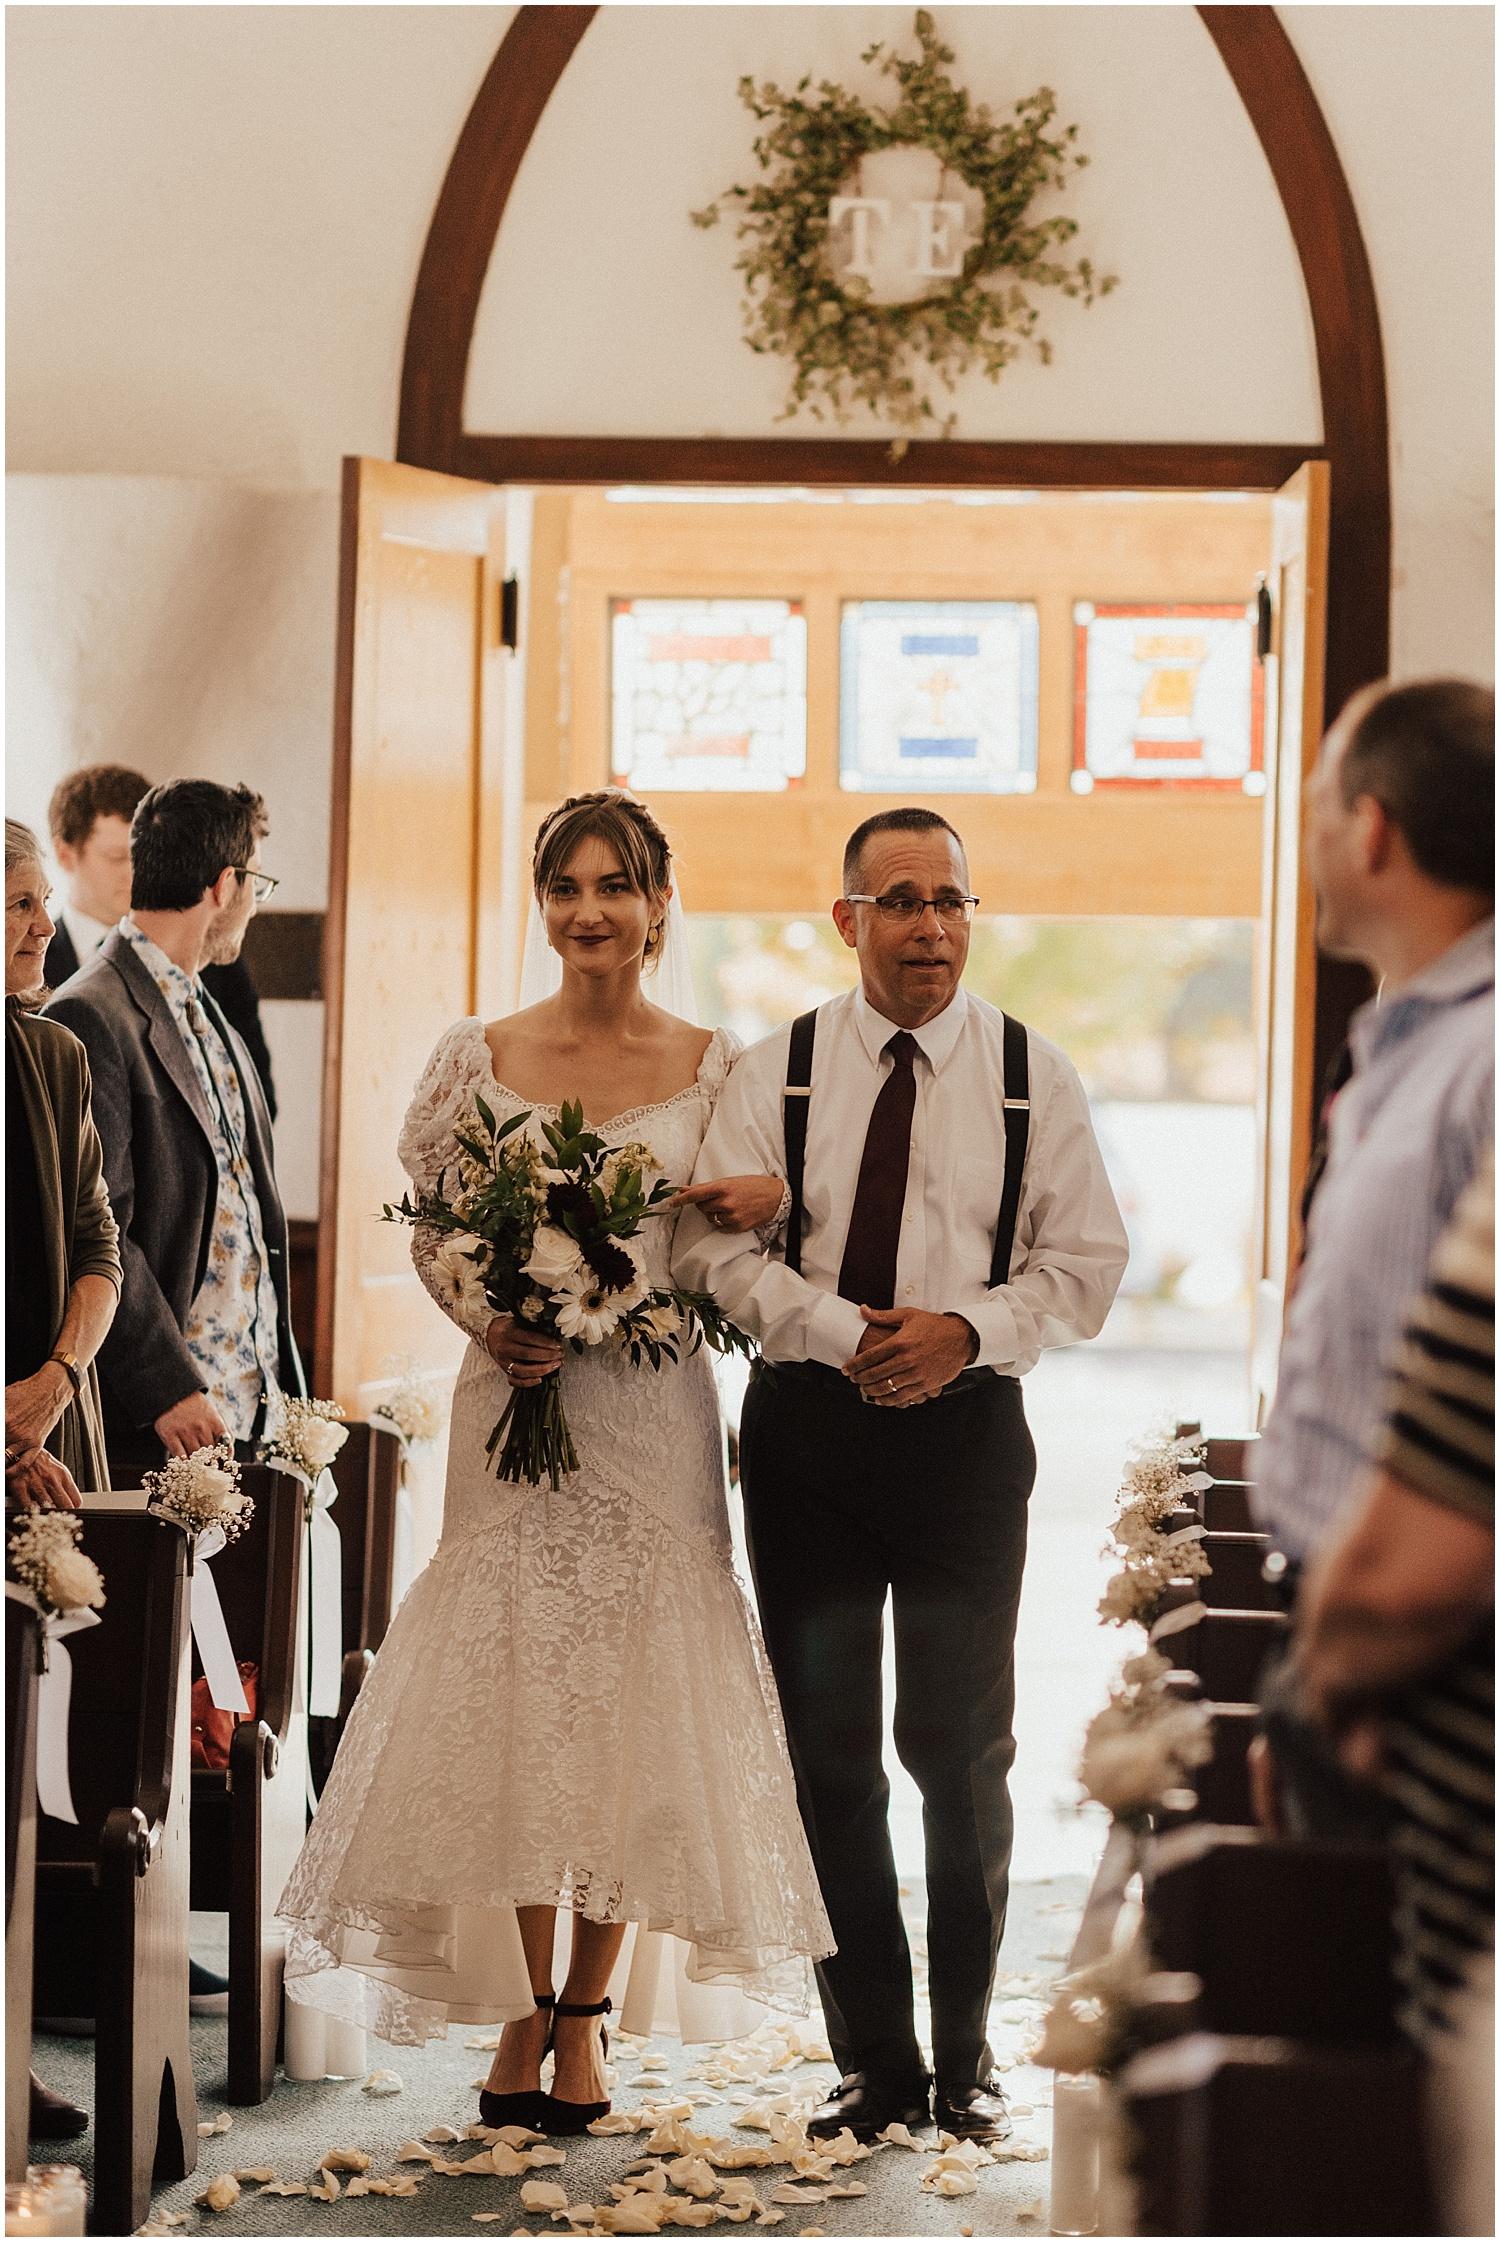 church-wedding-industrial-reception-sunvalley-idaho63.jpg